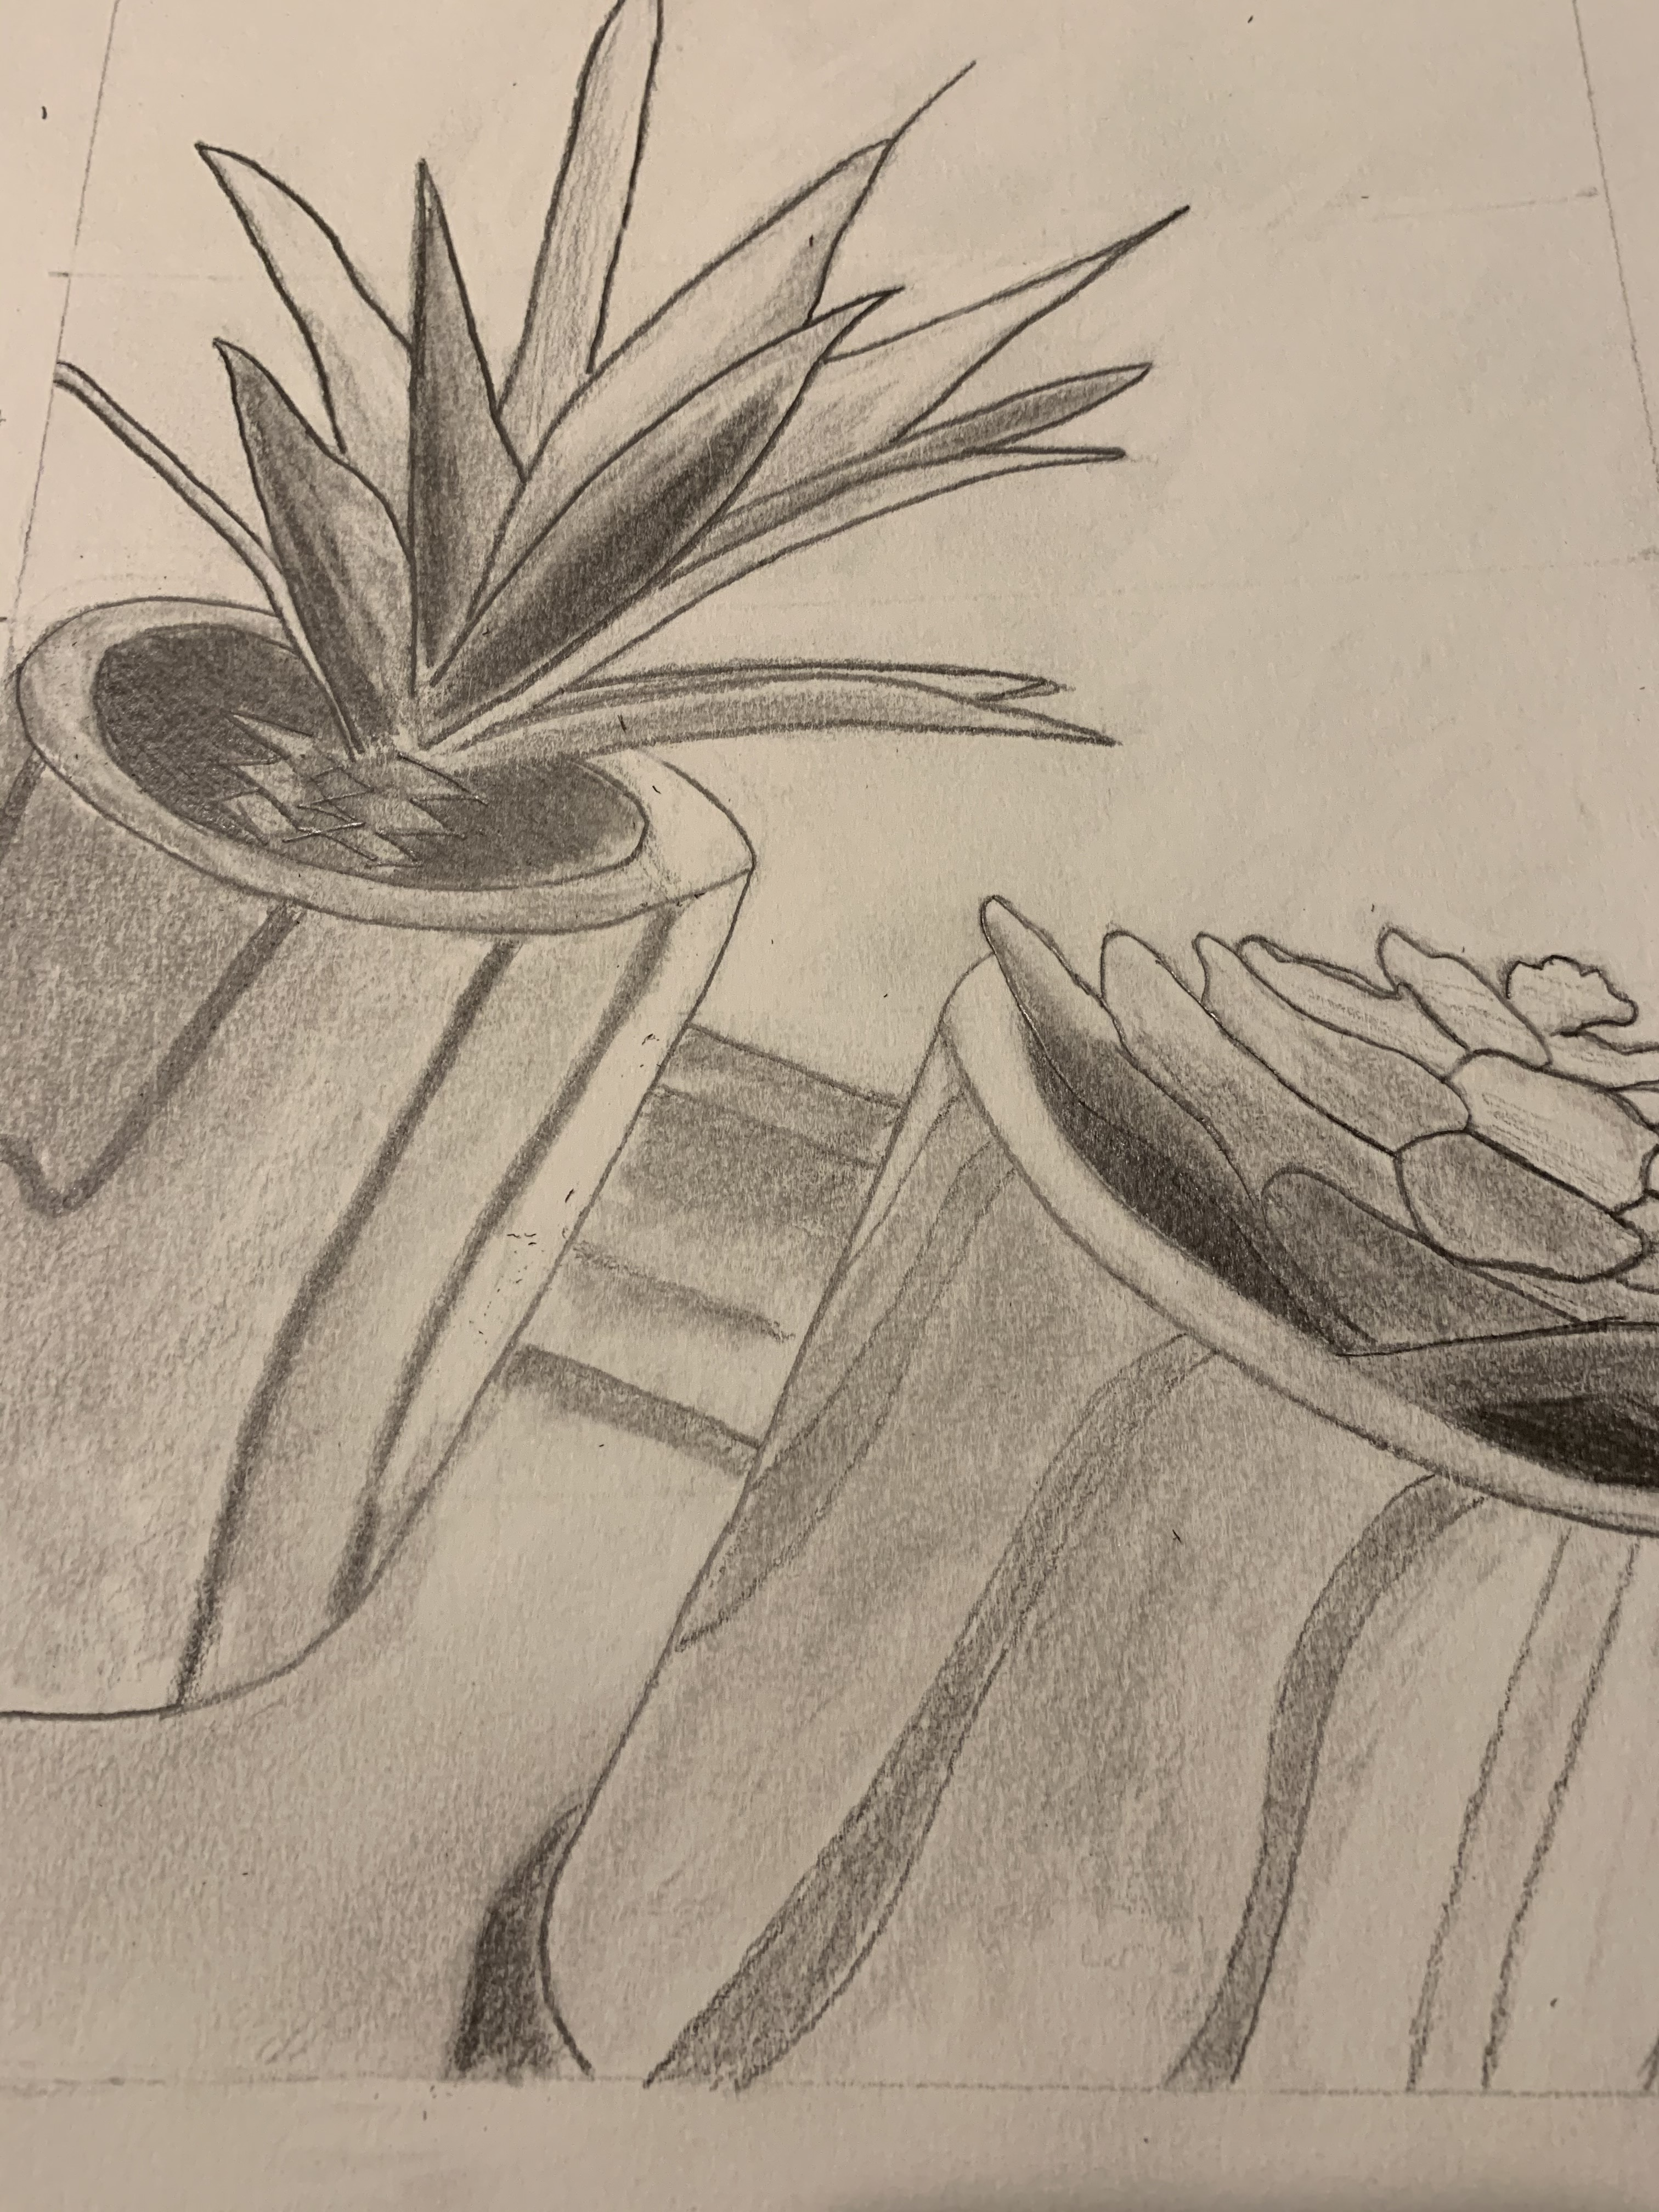 jamison plants